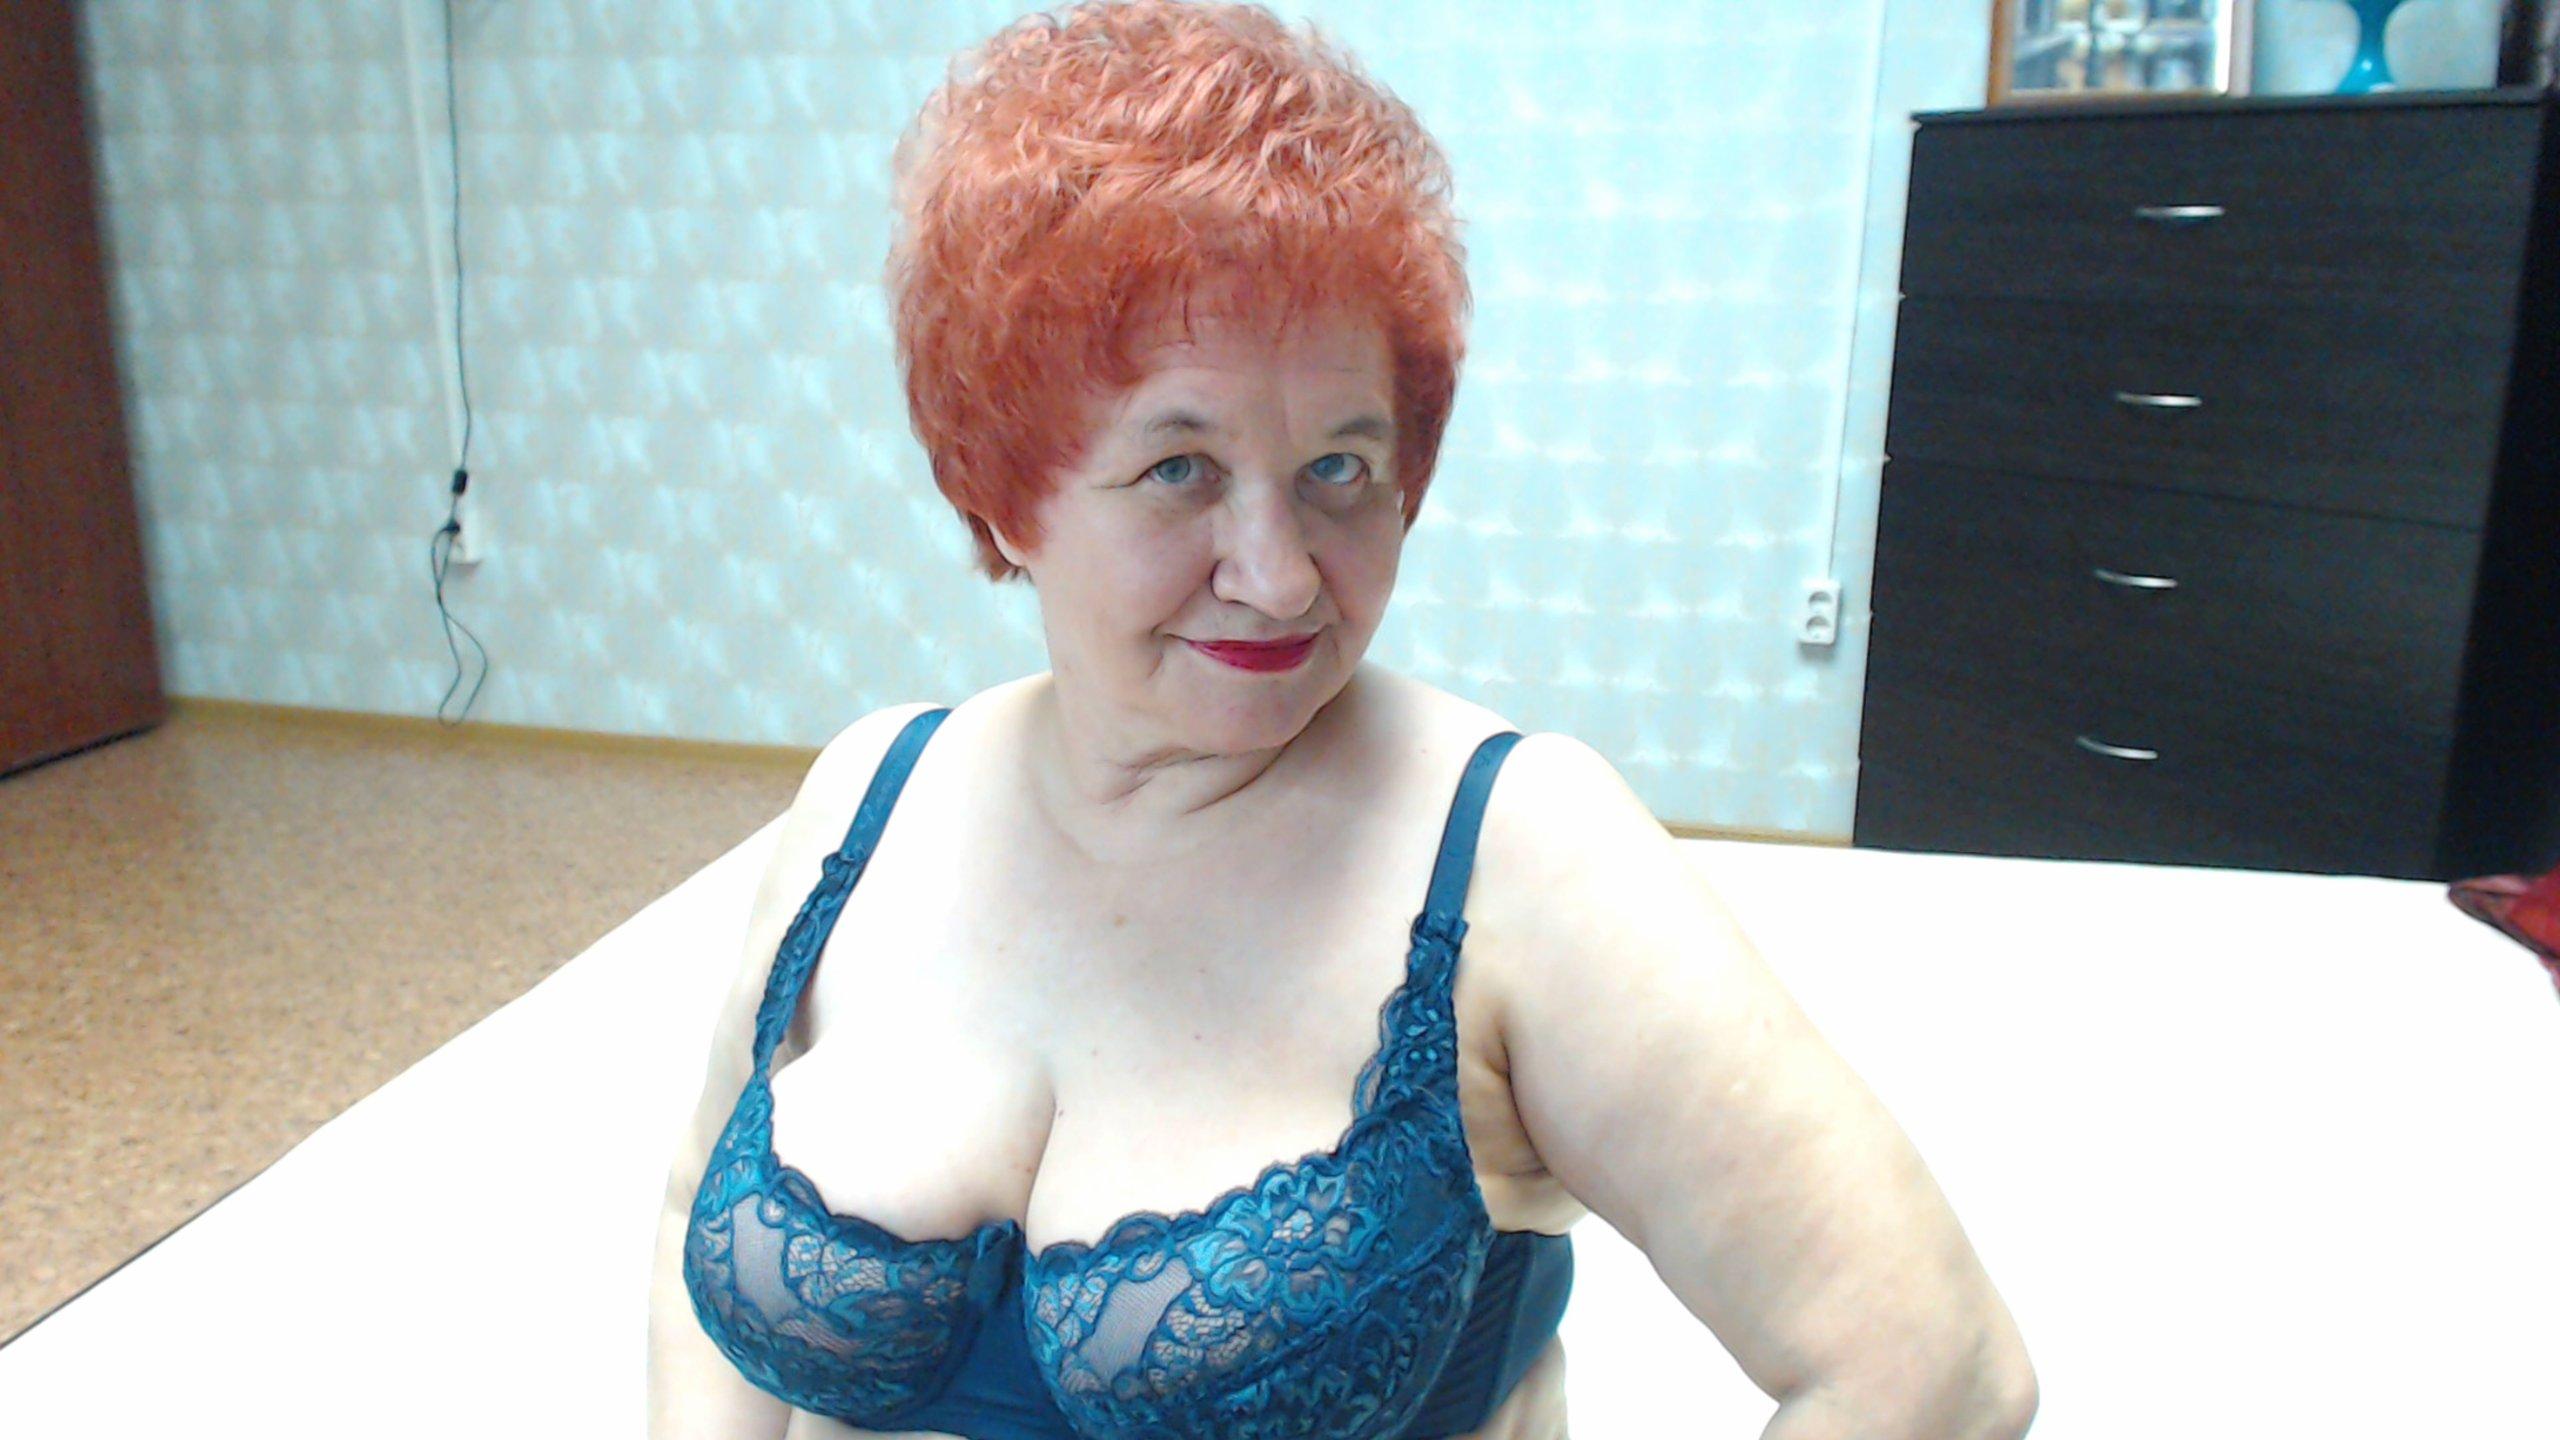 Видео пожилых женщин с приватов, продавщица нижнего белья секс за деньги